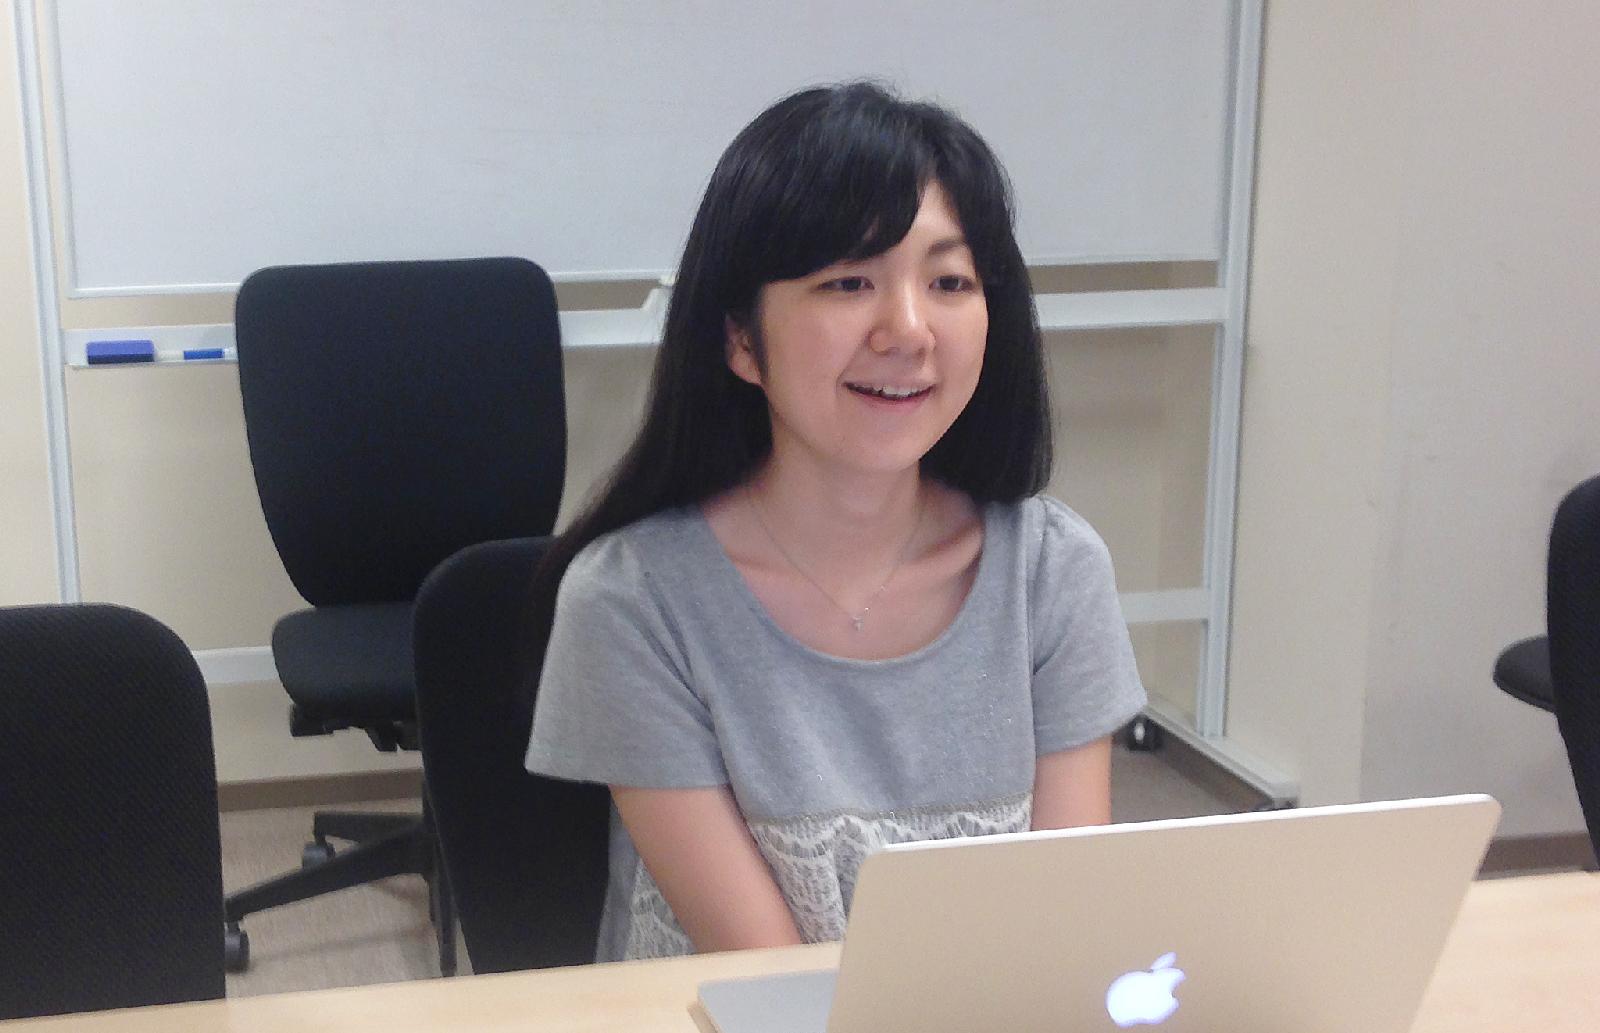 横尾さん2.jpg (991.0 kB)